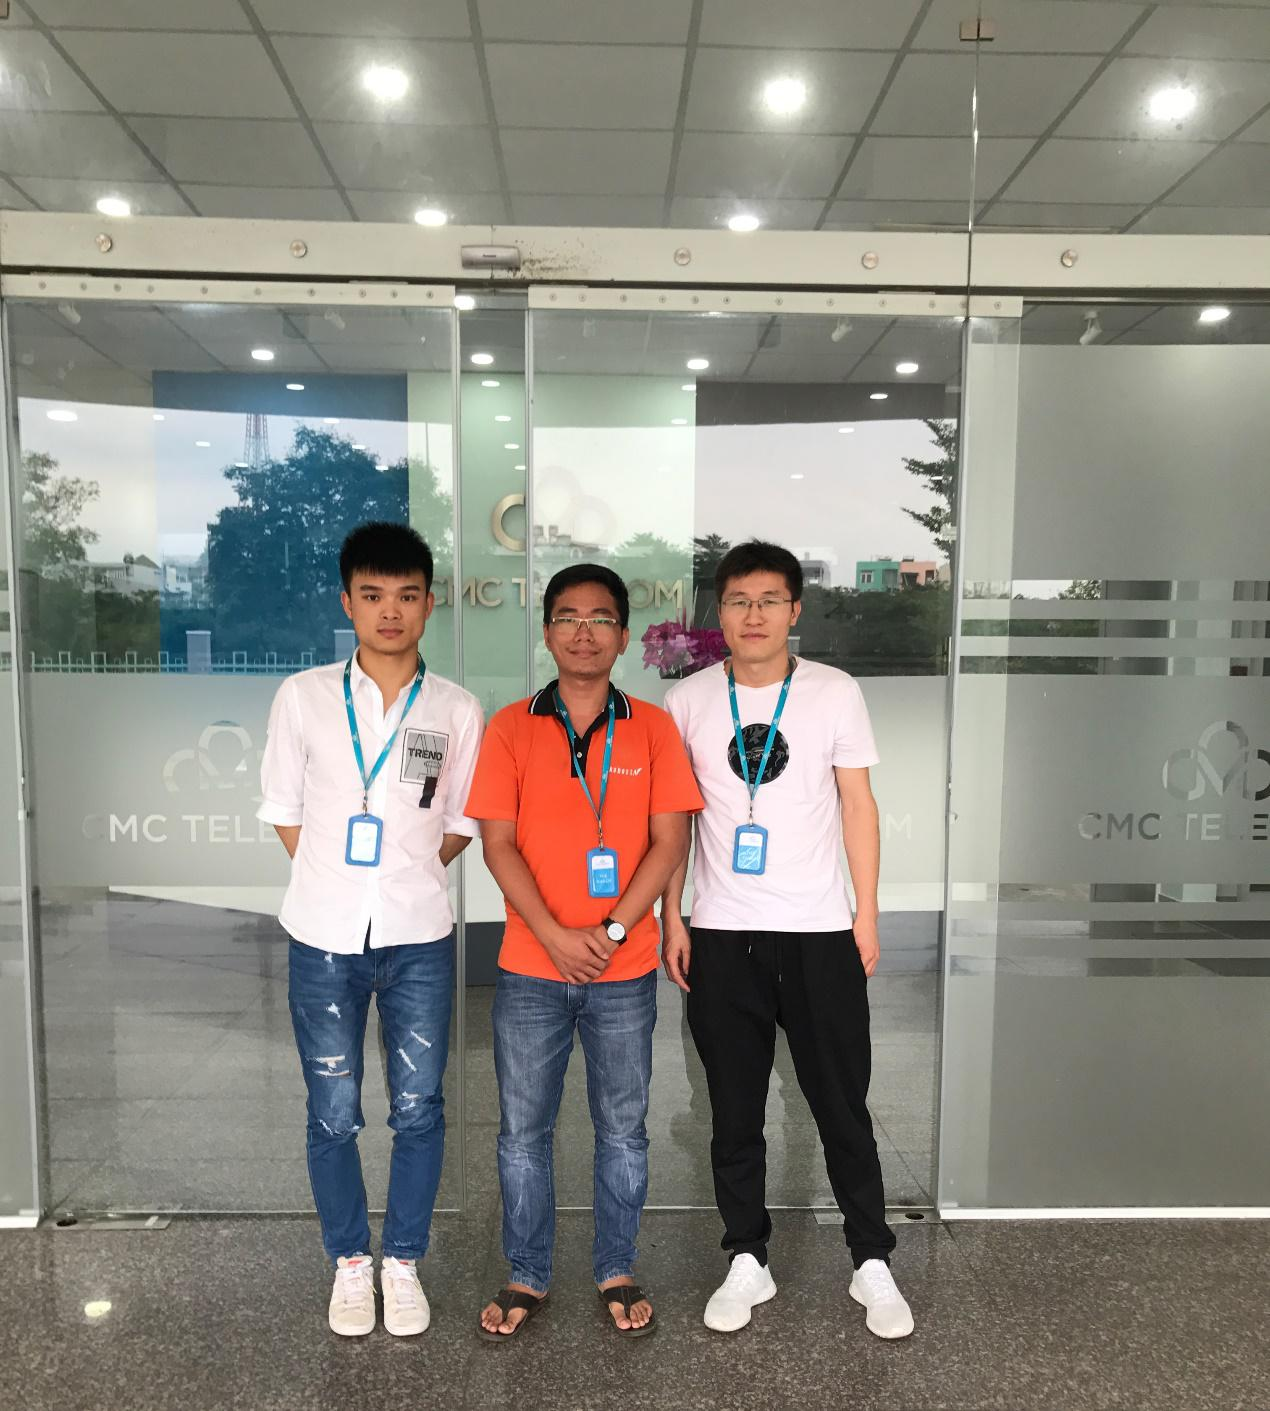 2018年越南CMC机房考察-天下数据